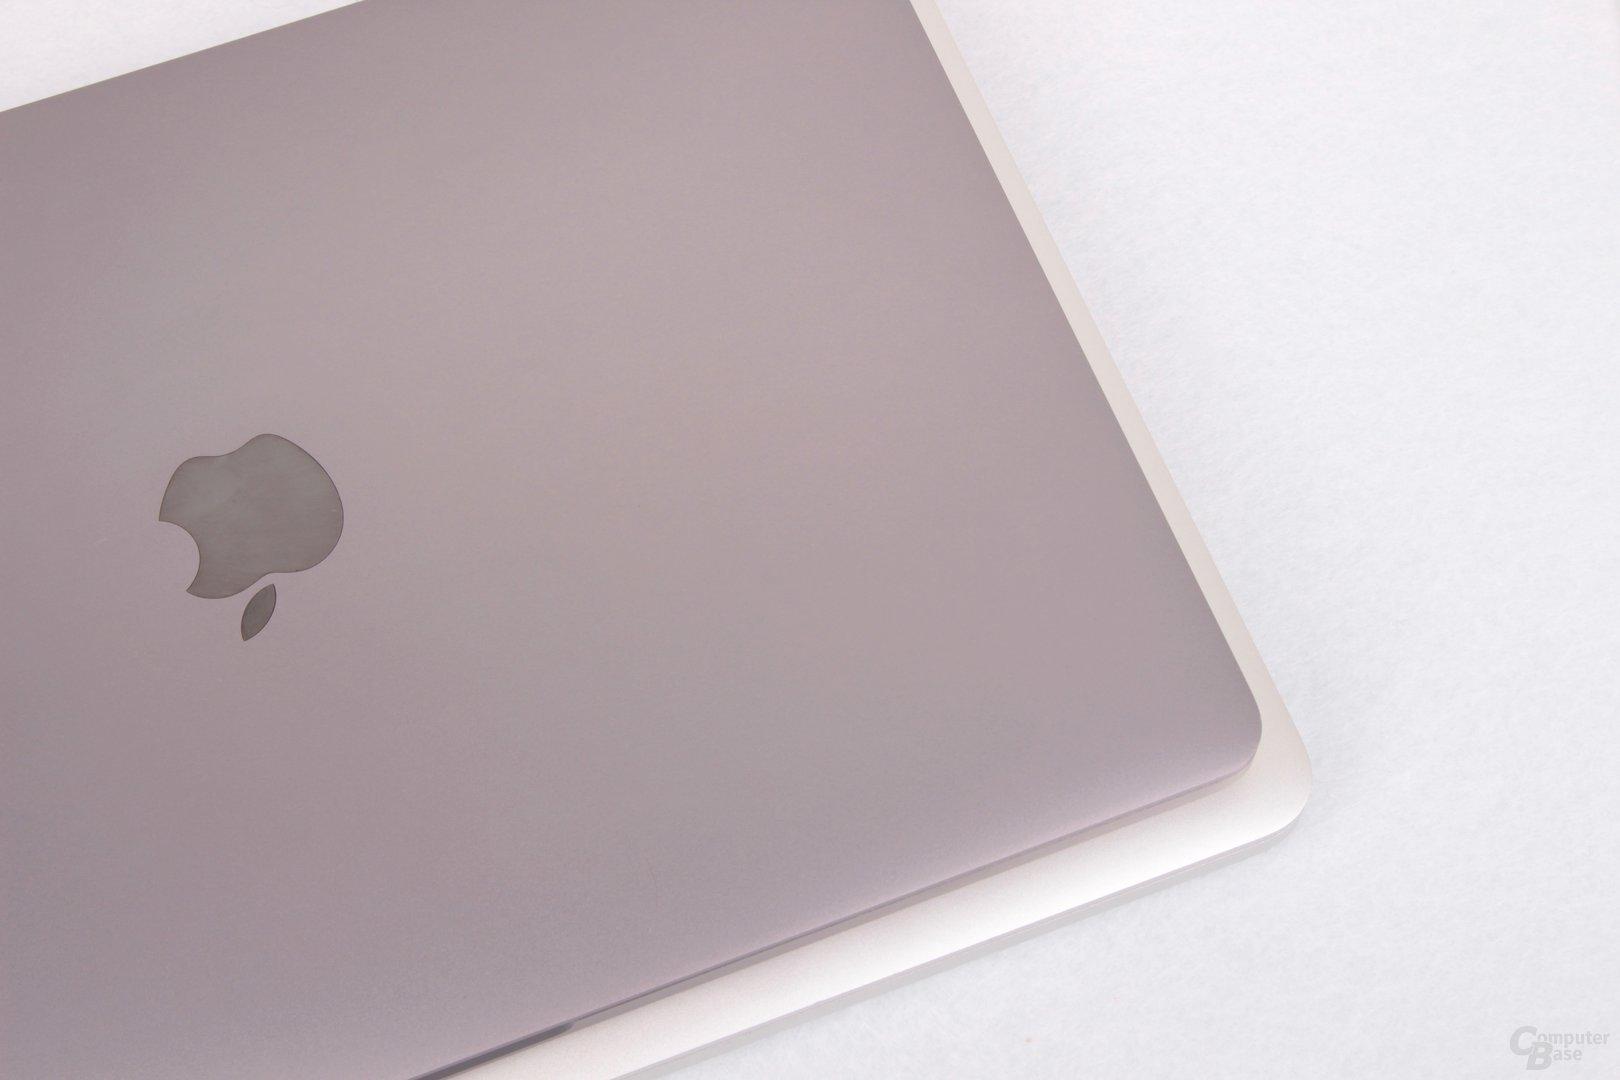 Das neue MacBook Pro ist nicht nur flacher